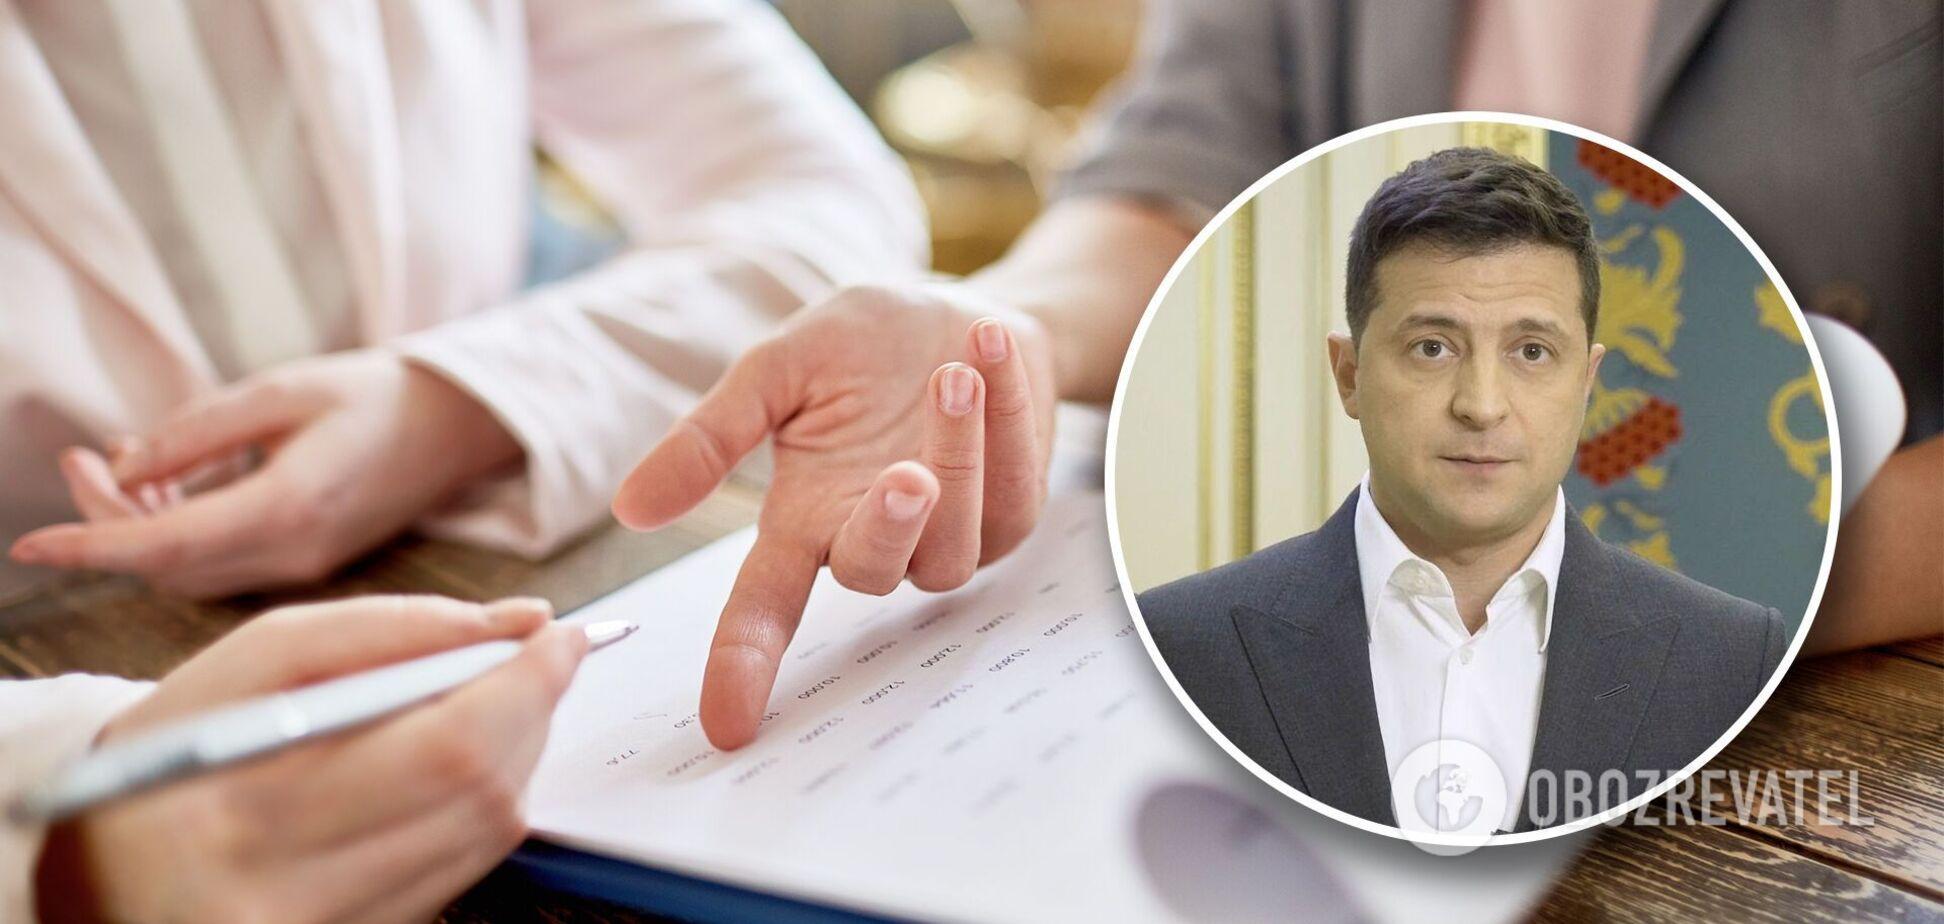 Зеленський озвучив друге питання для опитування 25 жовтня